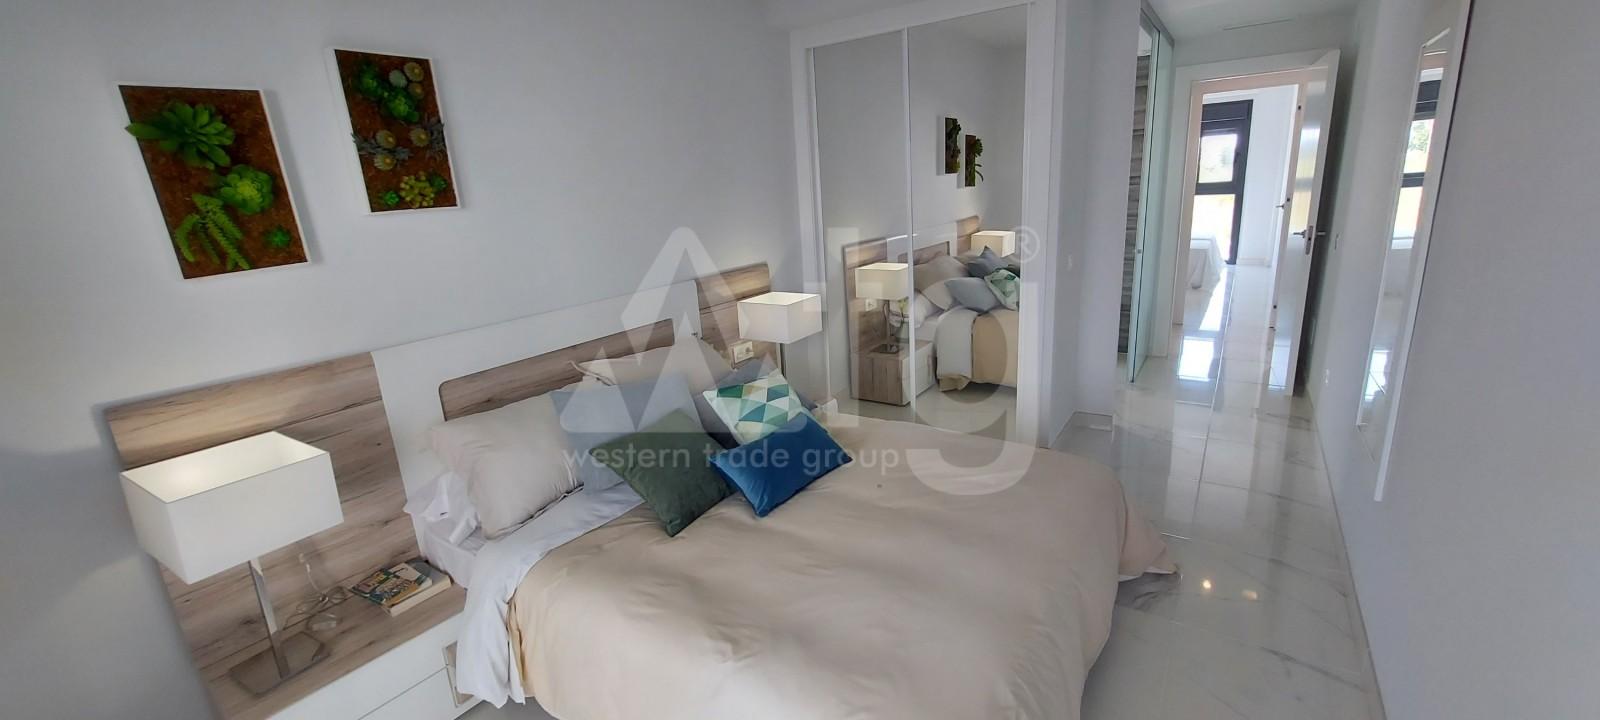 Apartament w Guardamar del Segura, 2 sypialnie  - DI6350 - 13